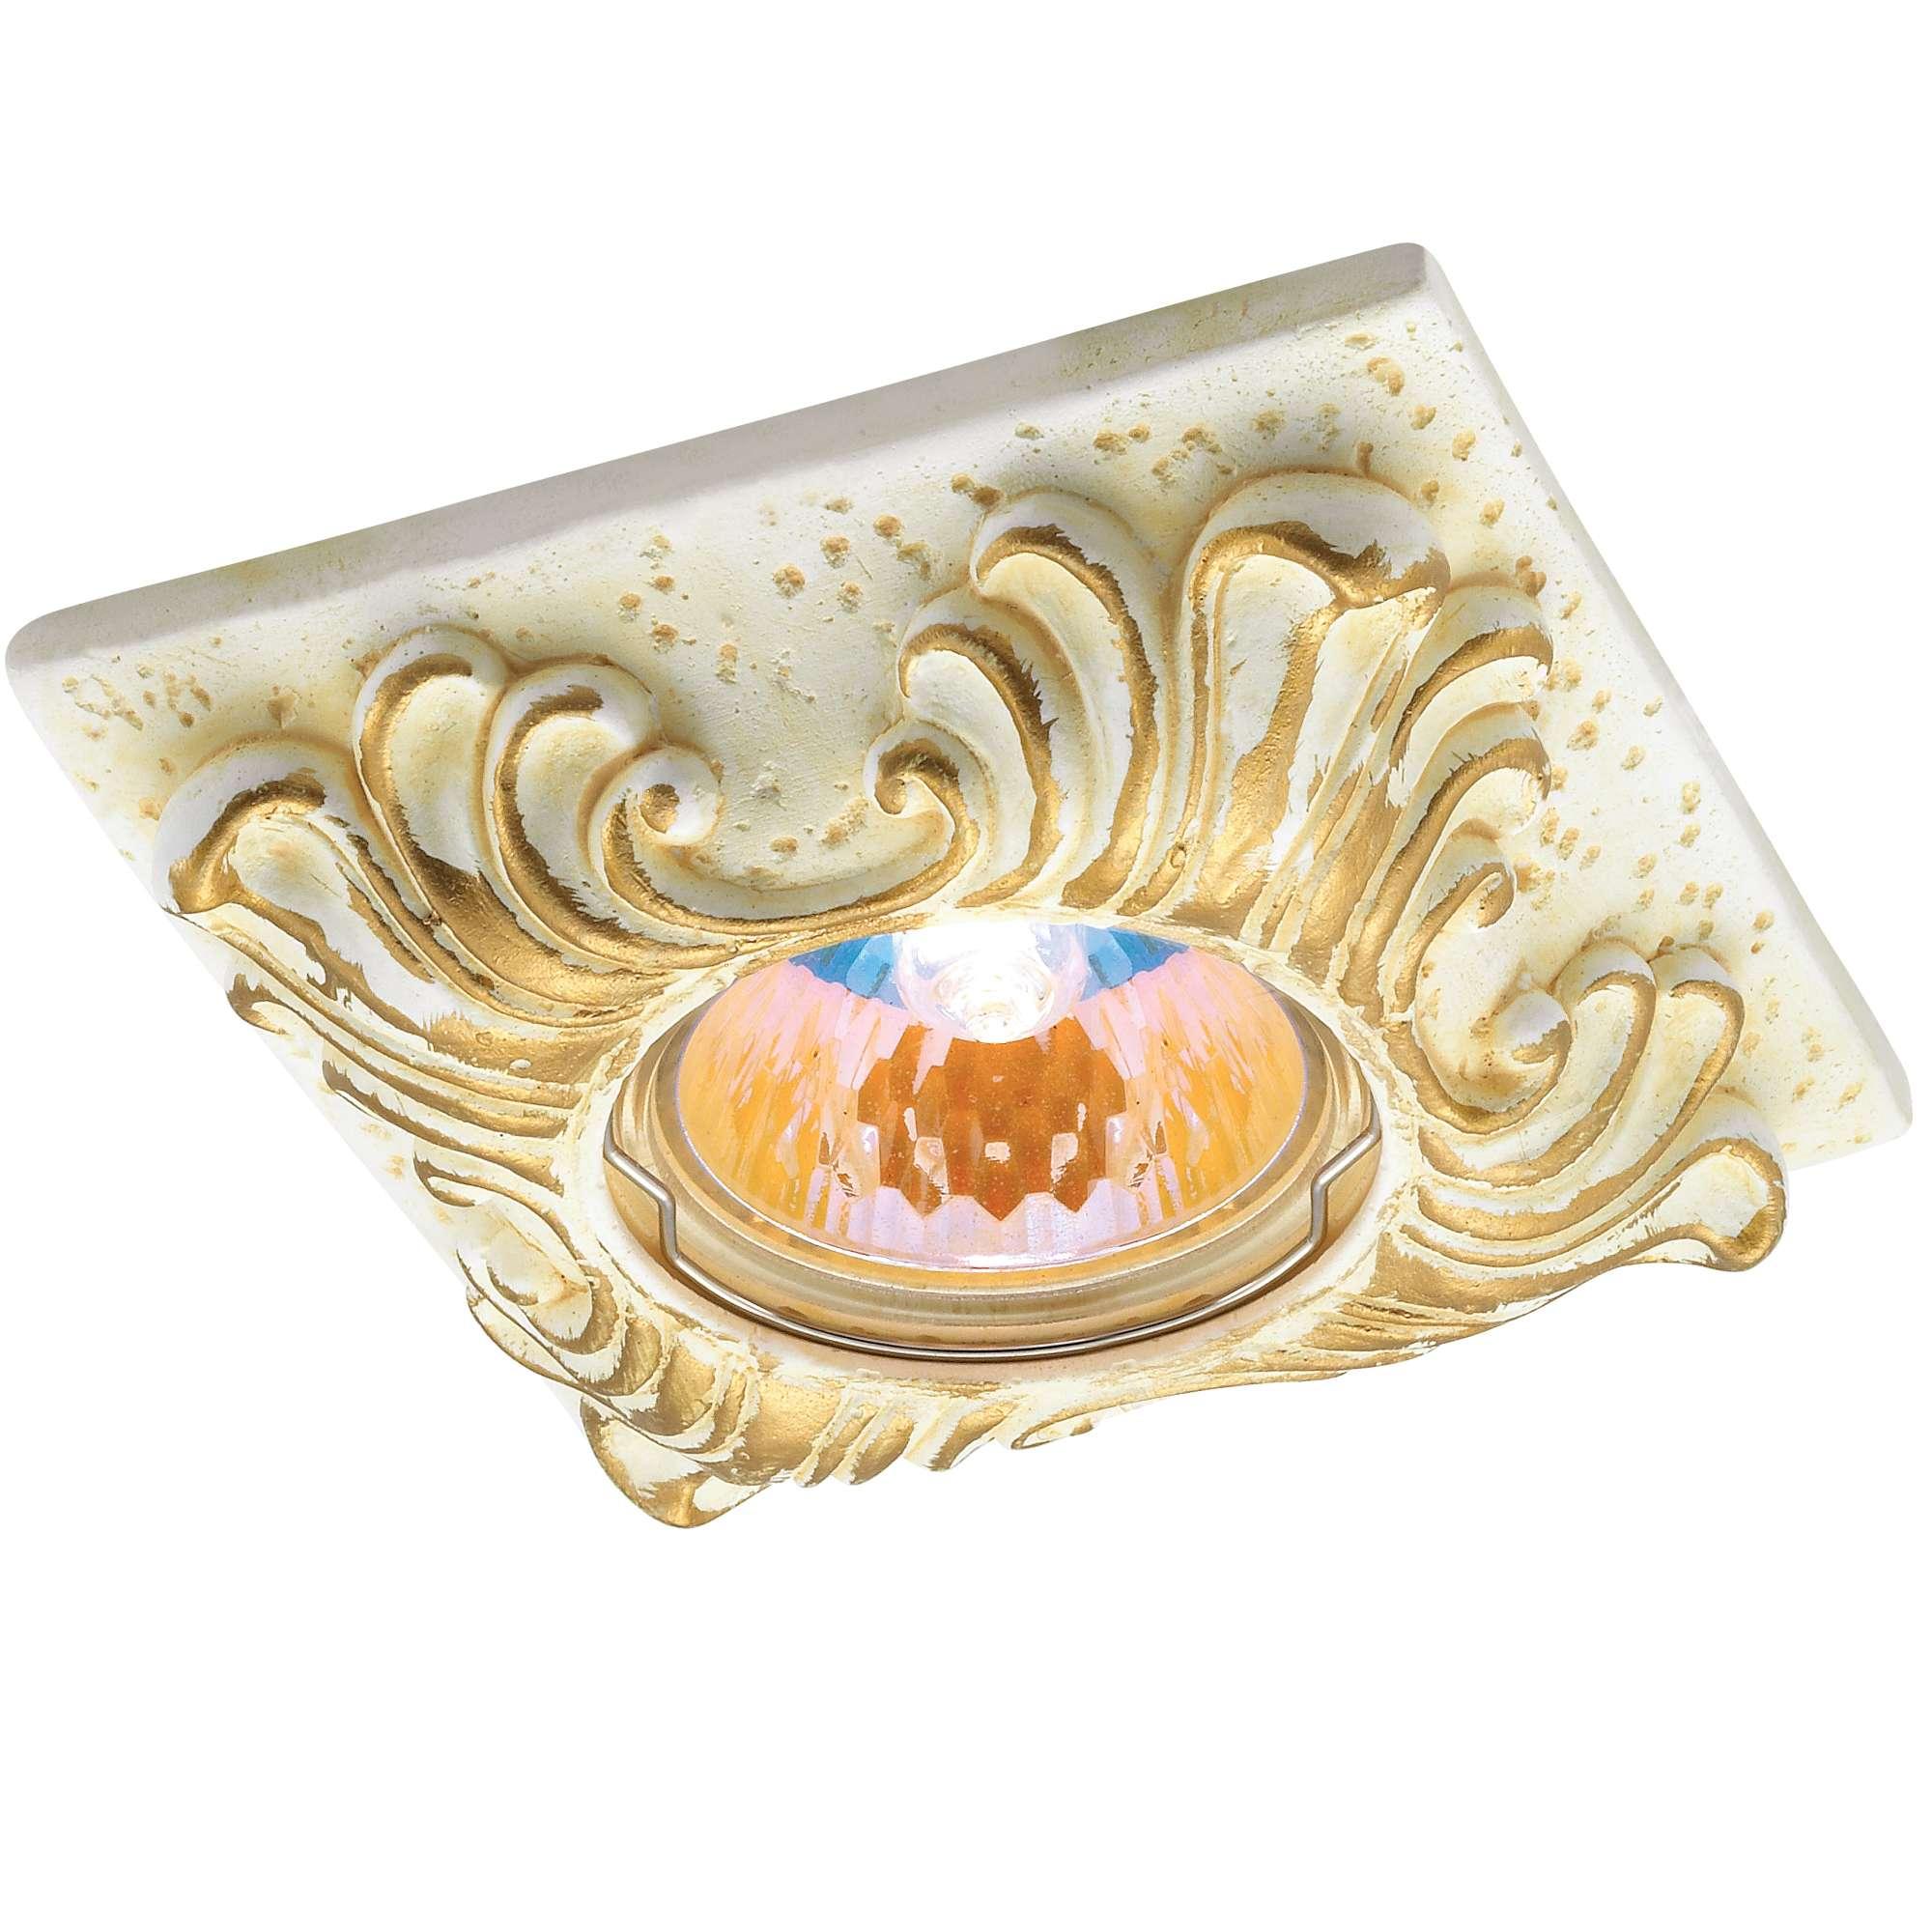 Светильник встраиваемый Novotech Sandstone nt12 123 369568 встраиваемый светильник novotech 369568